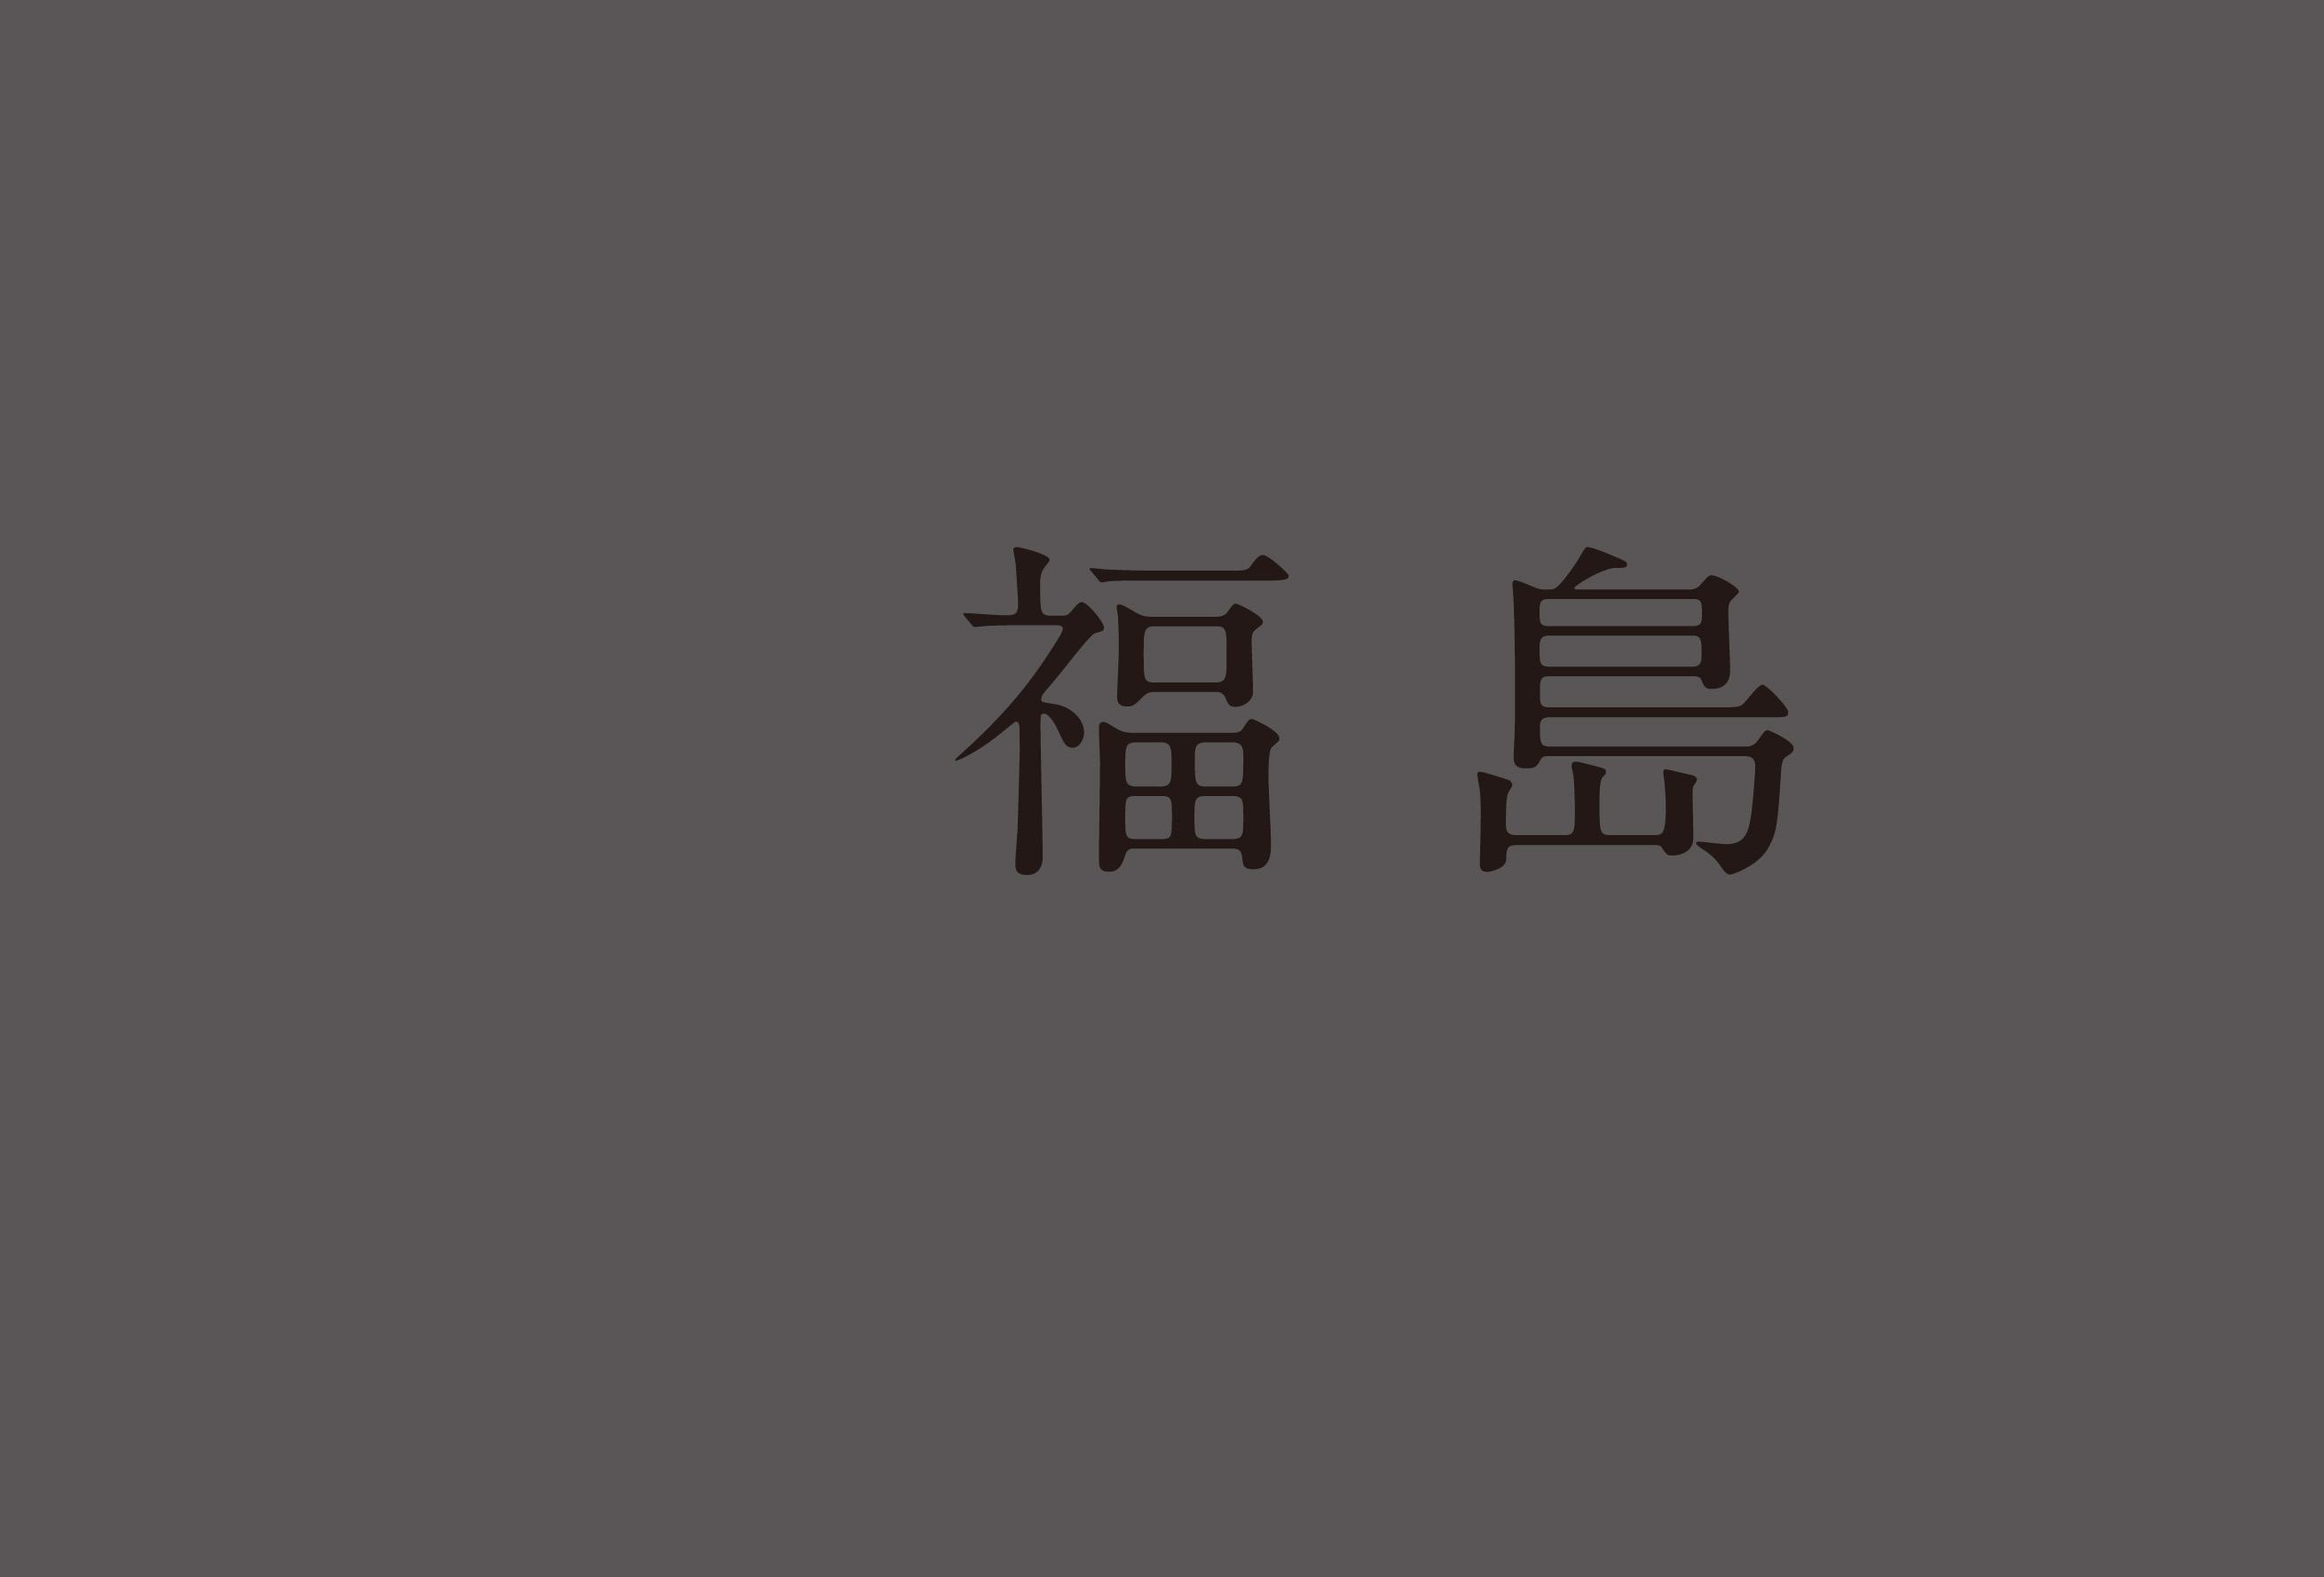 b0035326_16125896.jpg